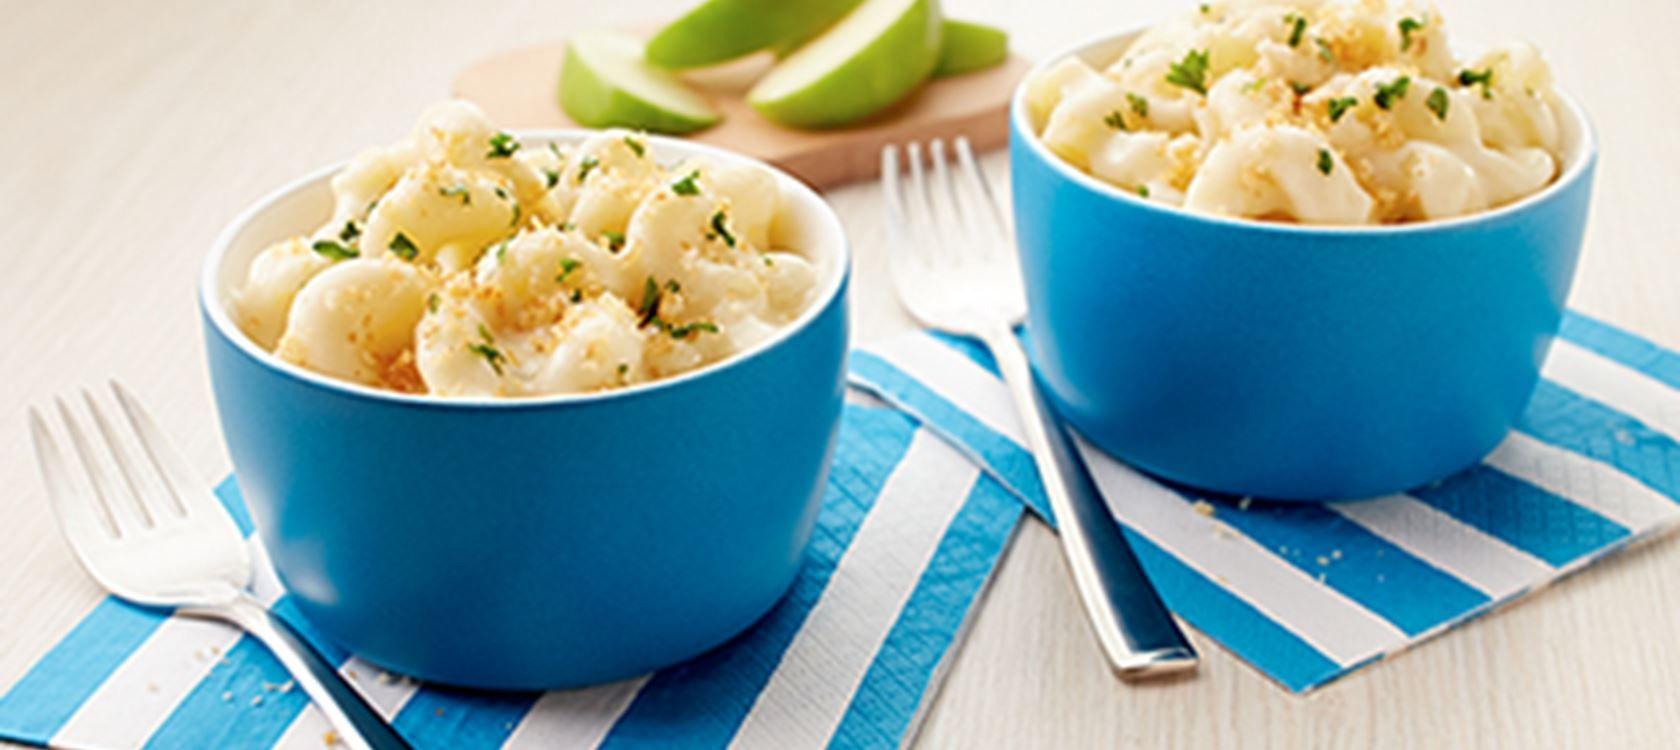 GoudaHavarti Mac & Cheese Recipe Mac, cheese, Havarti